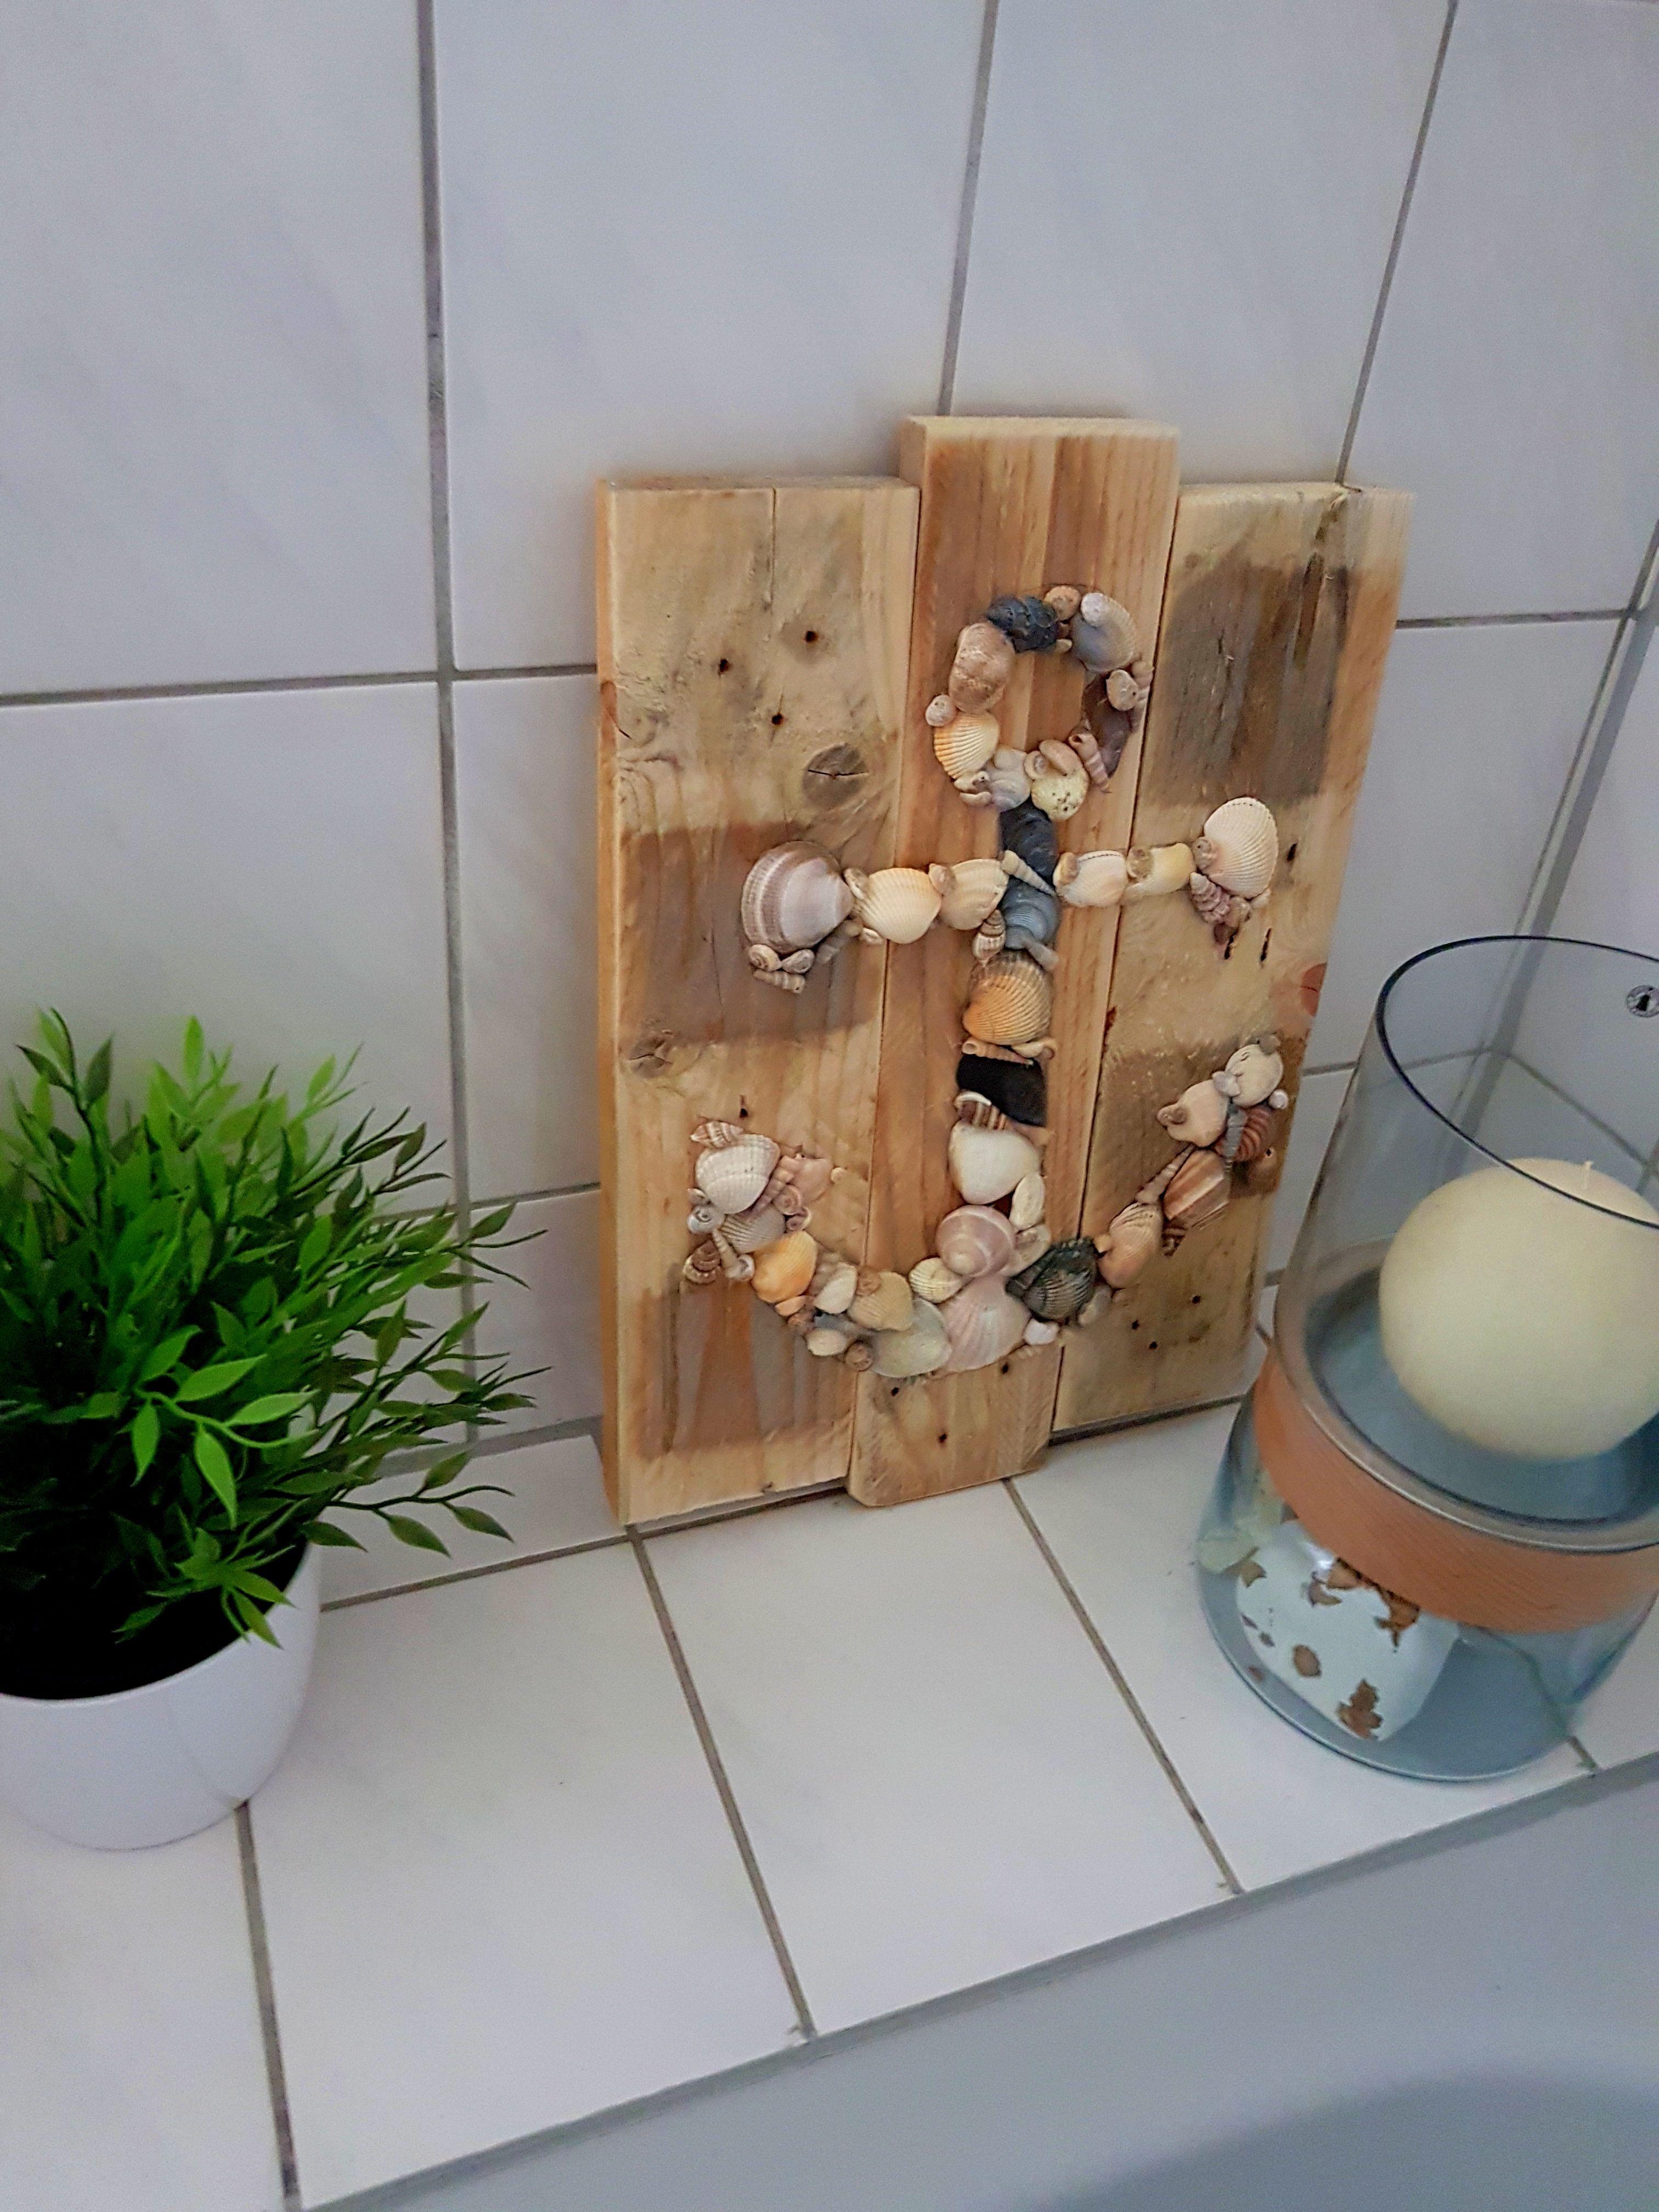 Muschelbild Badezimmer Bad Diy Holz Palettenholz Muscheln Anker Bild Aufhangen Wand Deko Dekoration A Palettenholz Diy Holz Diy Bader